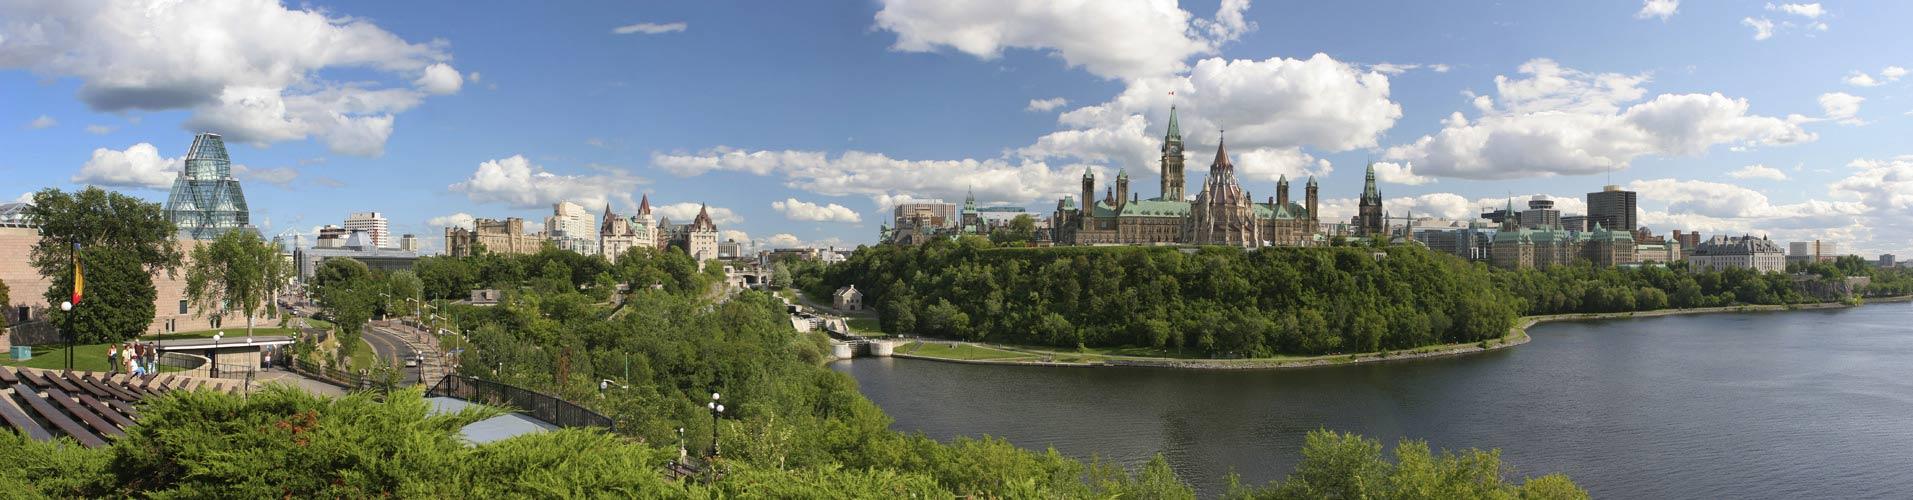 schueleraustausch-kanada-stadt-auf-insel-panorama